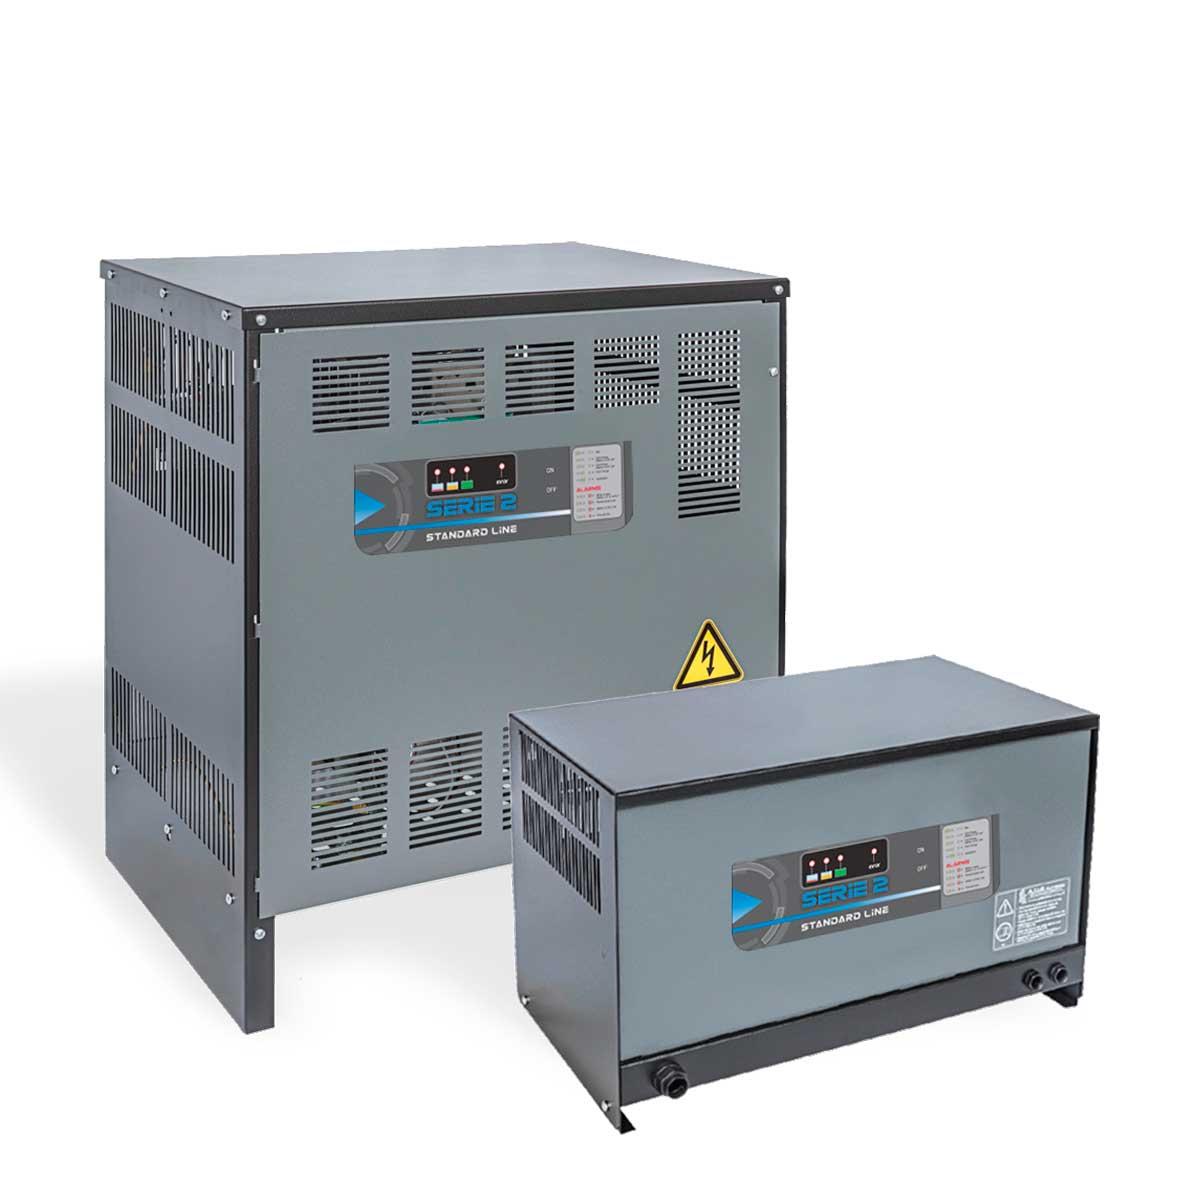 Cargadores de baterías para plomo ácido, Brescia, Italia, ATIB Elettronica